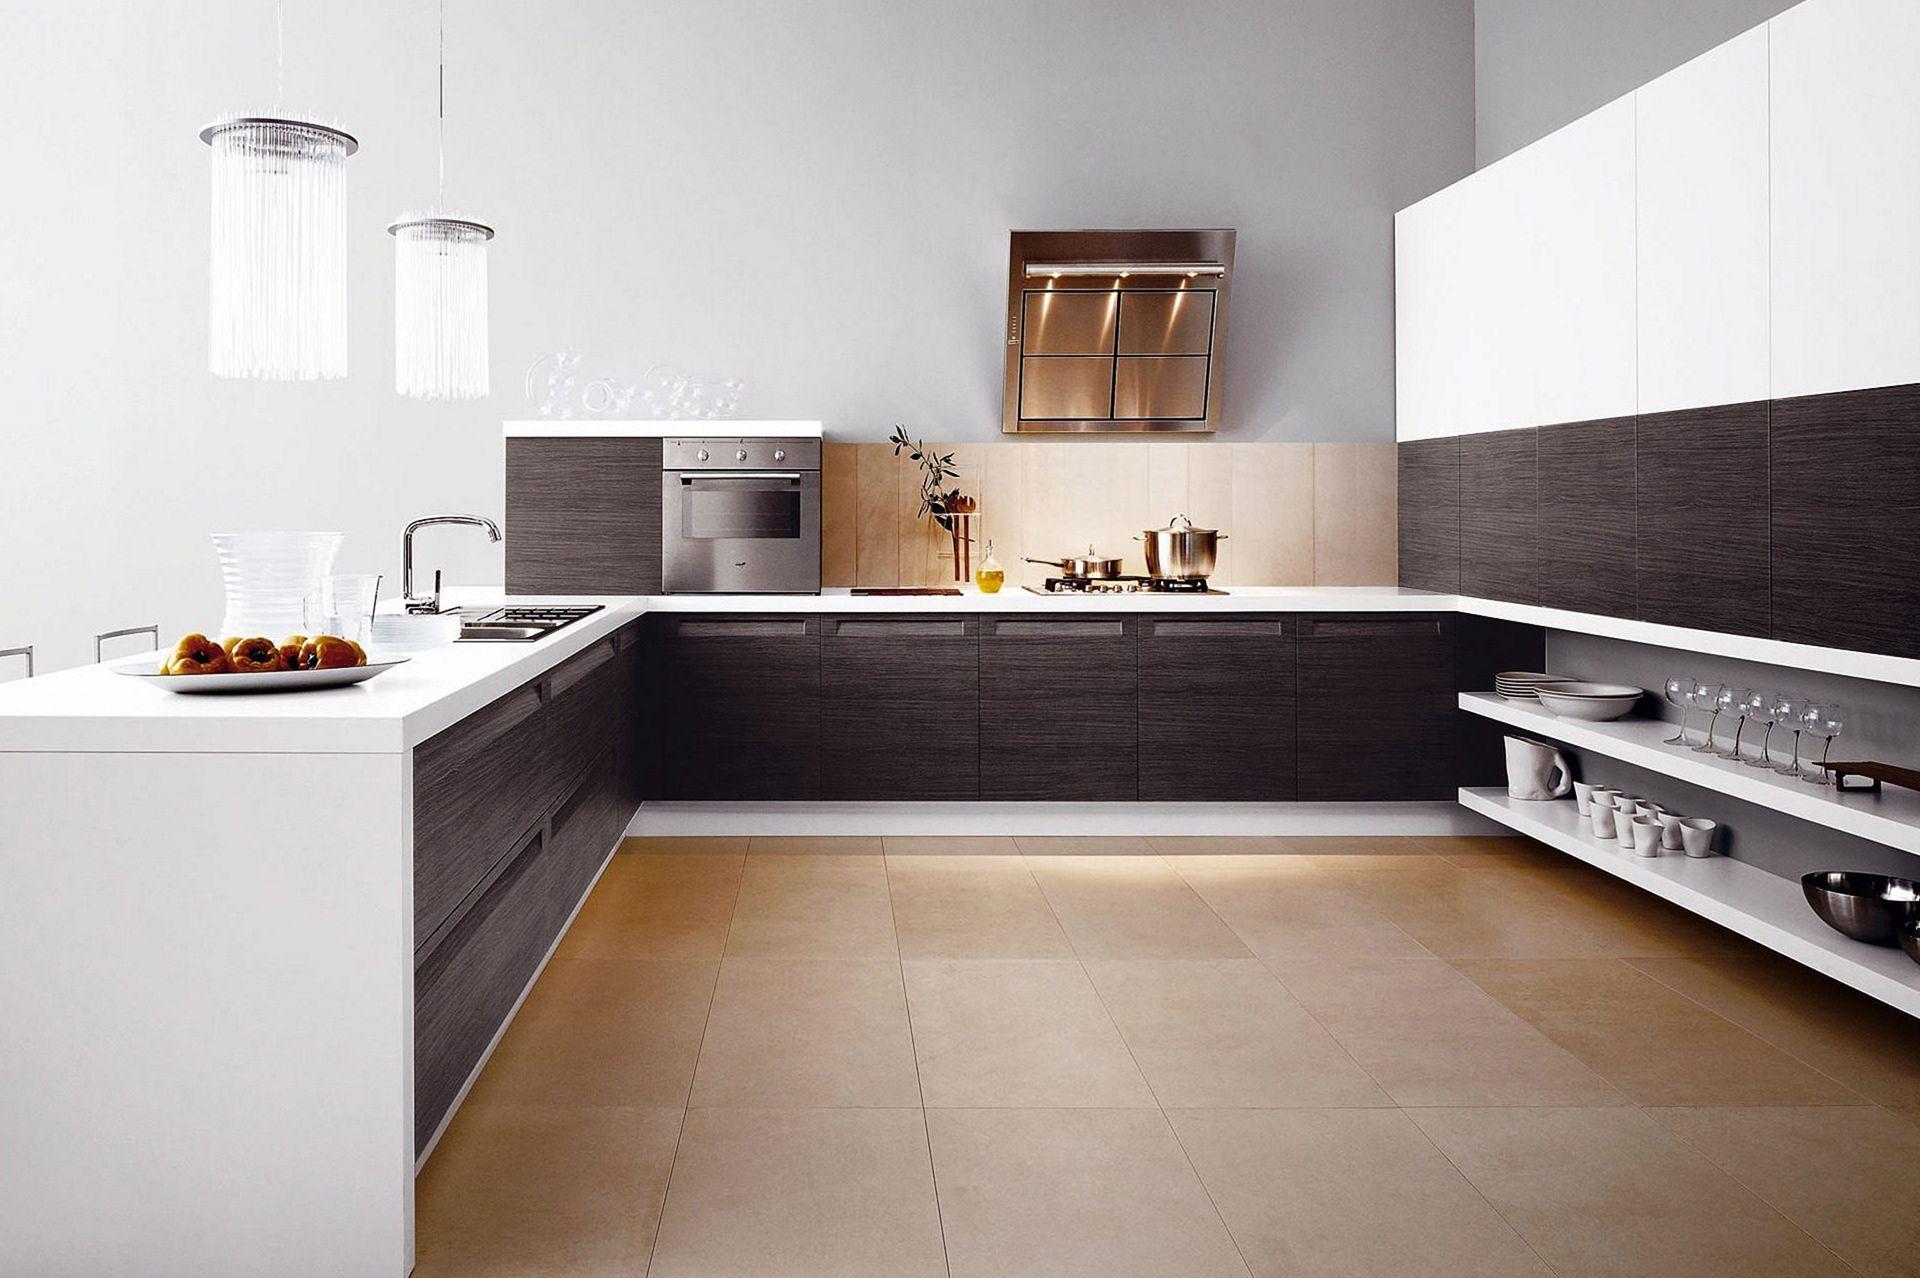 Bestmodernkitchen Kitchendesign Kitchendesignideas Modernkitchenideas Kuchendesign Modern Kuchen Design Moderne Kuchen Inseln